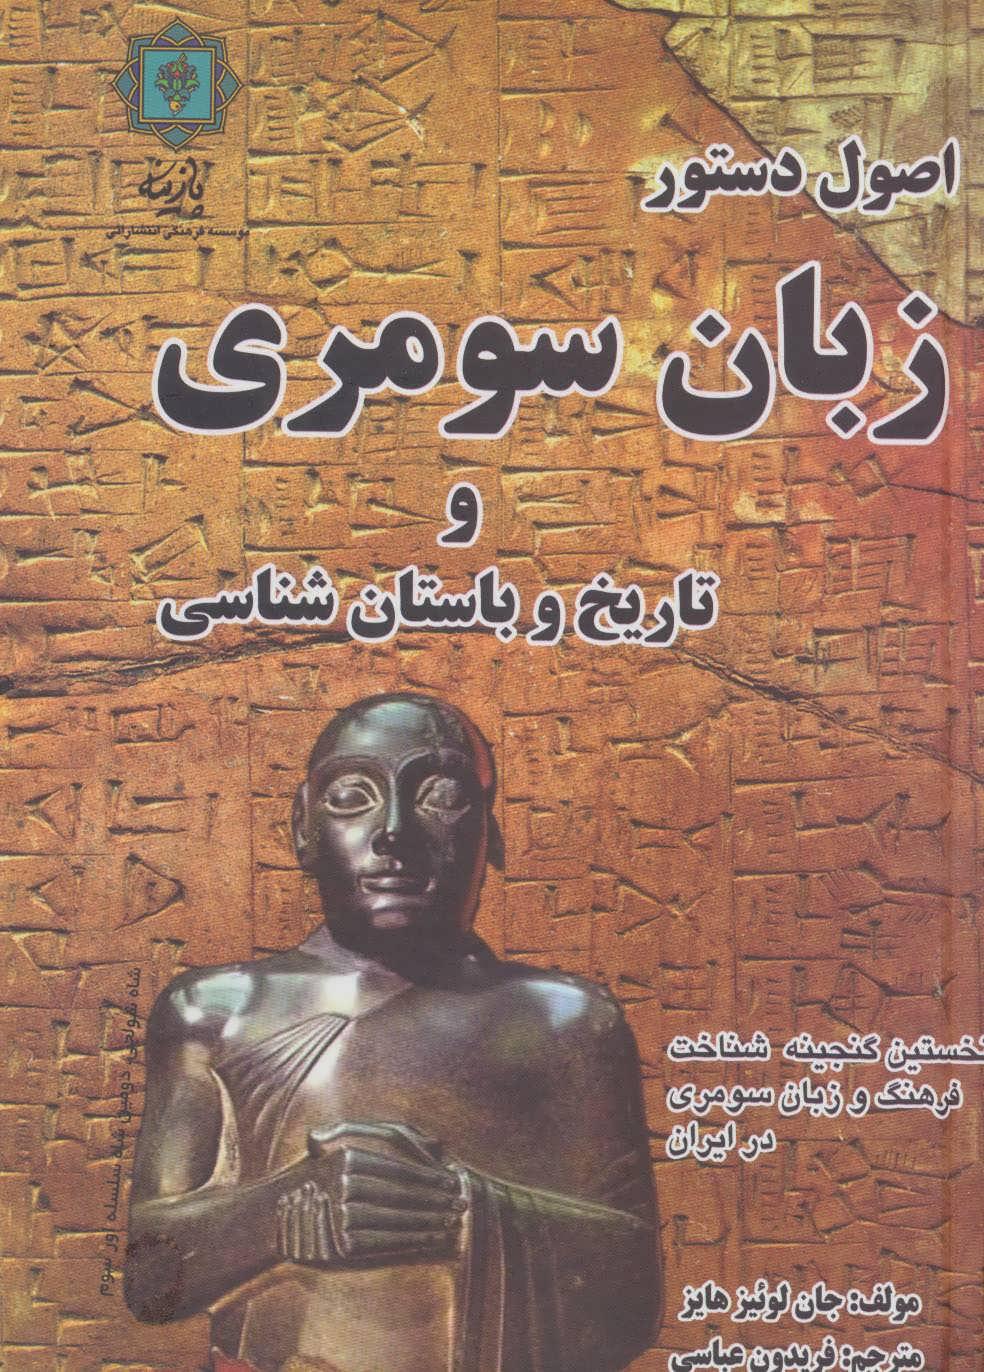 اصول دستور زبان سومري و تاريخ و باستان شناسي (نخستين گنجينه شناخت فرهنگ و زبان سومري در ايران)